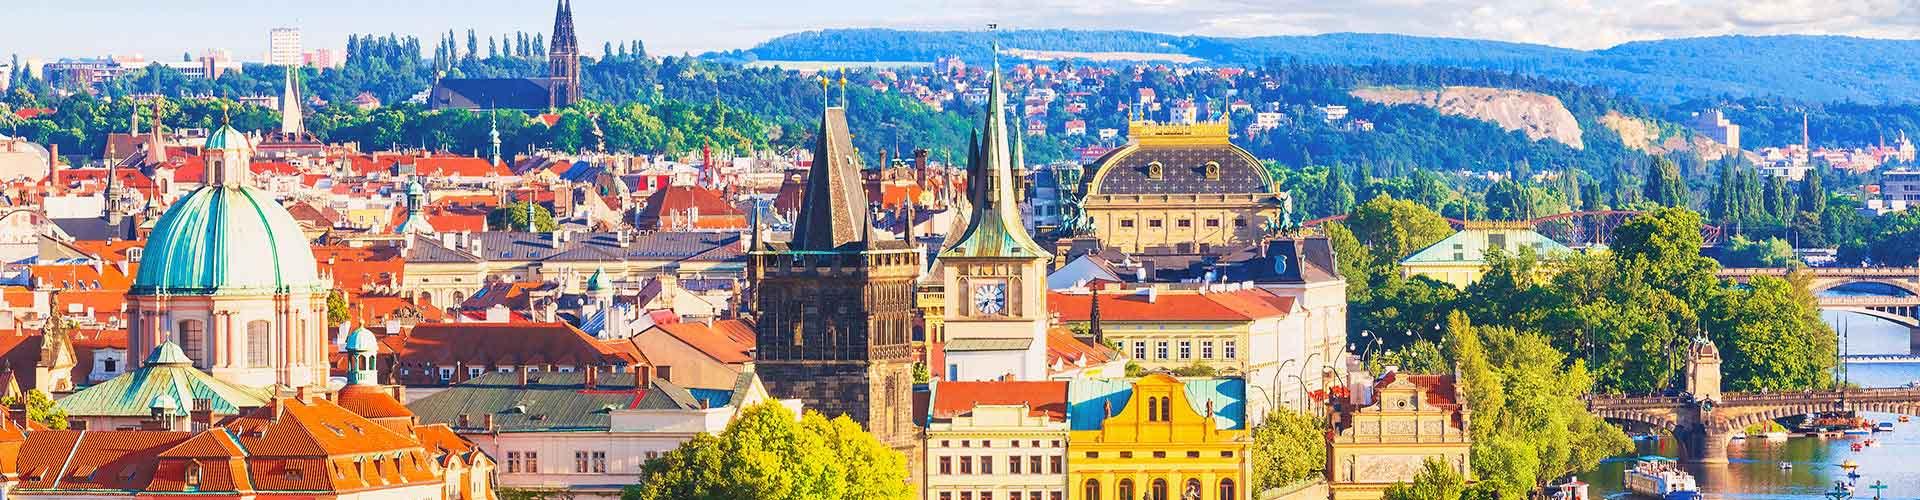 Prag – Hostels in Prag. Karten für Prag. Fotos und Bewertungen für jedes Hostel in Prag.